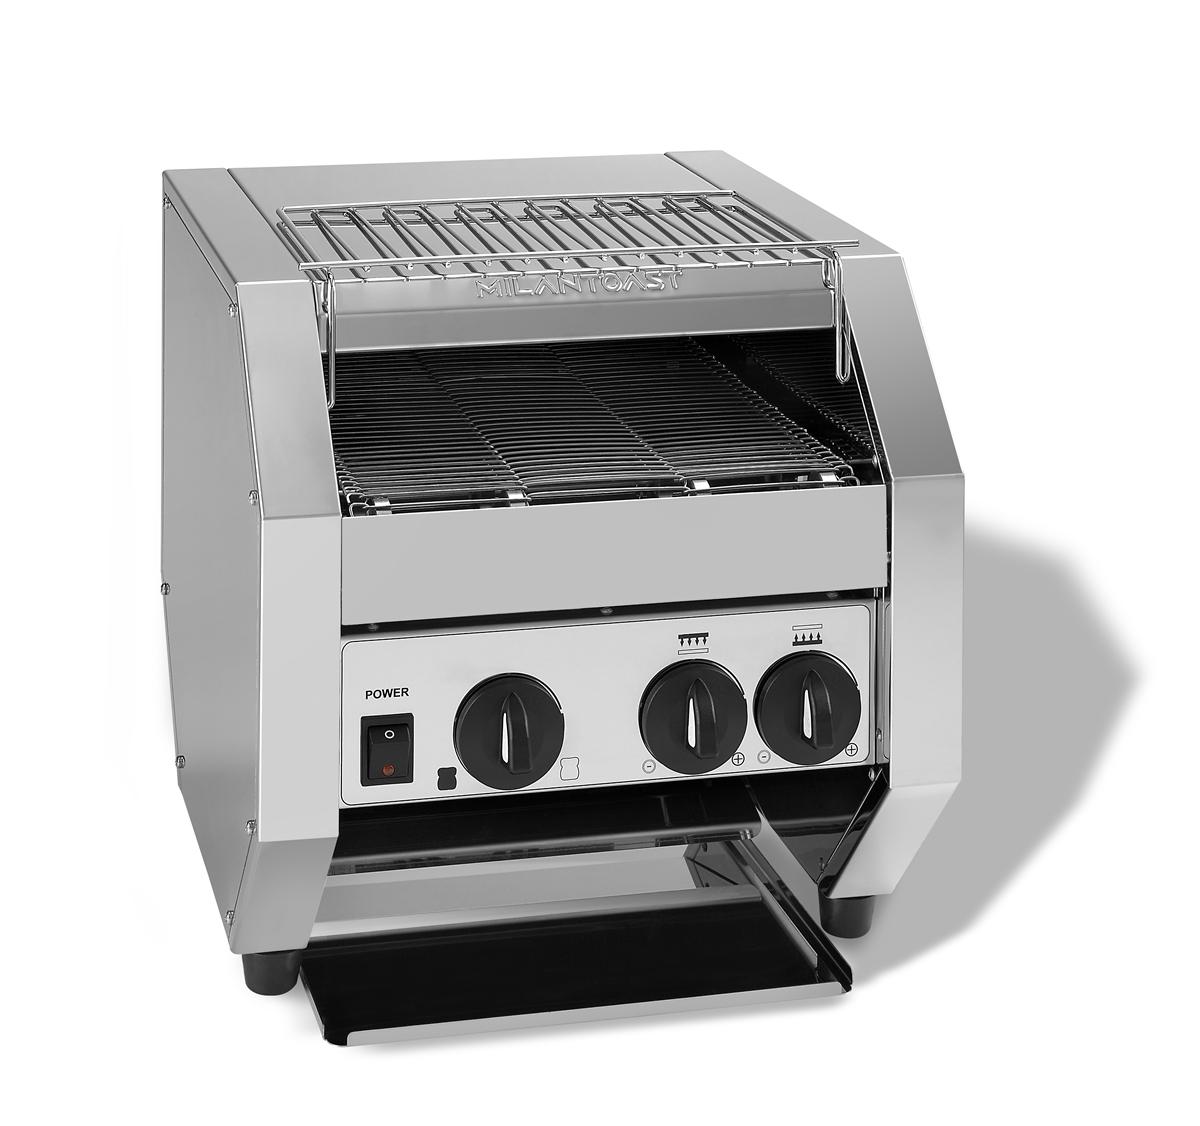 3 Scheiben Gürteltoaster mit Knopfschutz VOLLOPTIONAL 220-240 V 50/60 Hz 2,8 kW